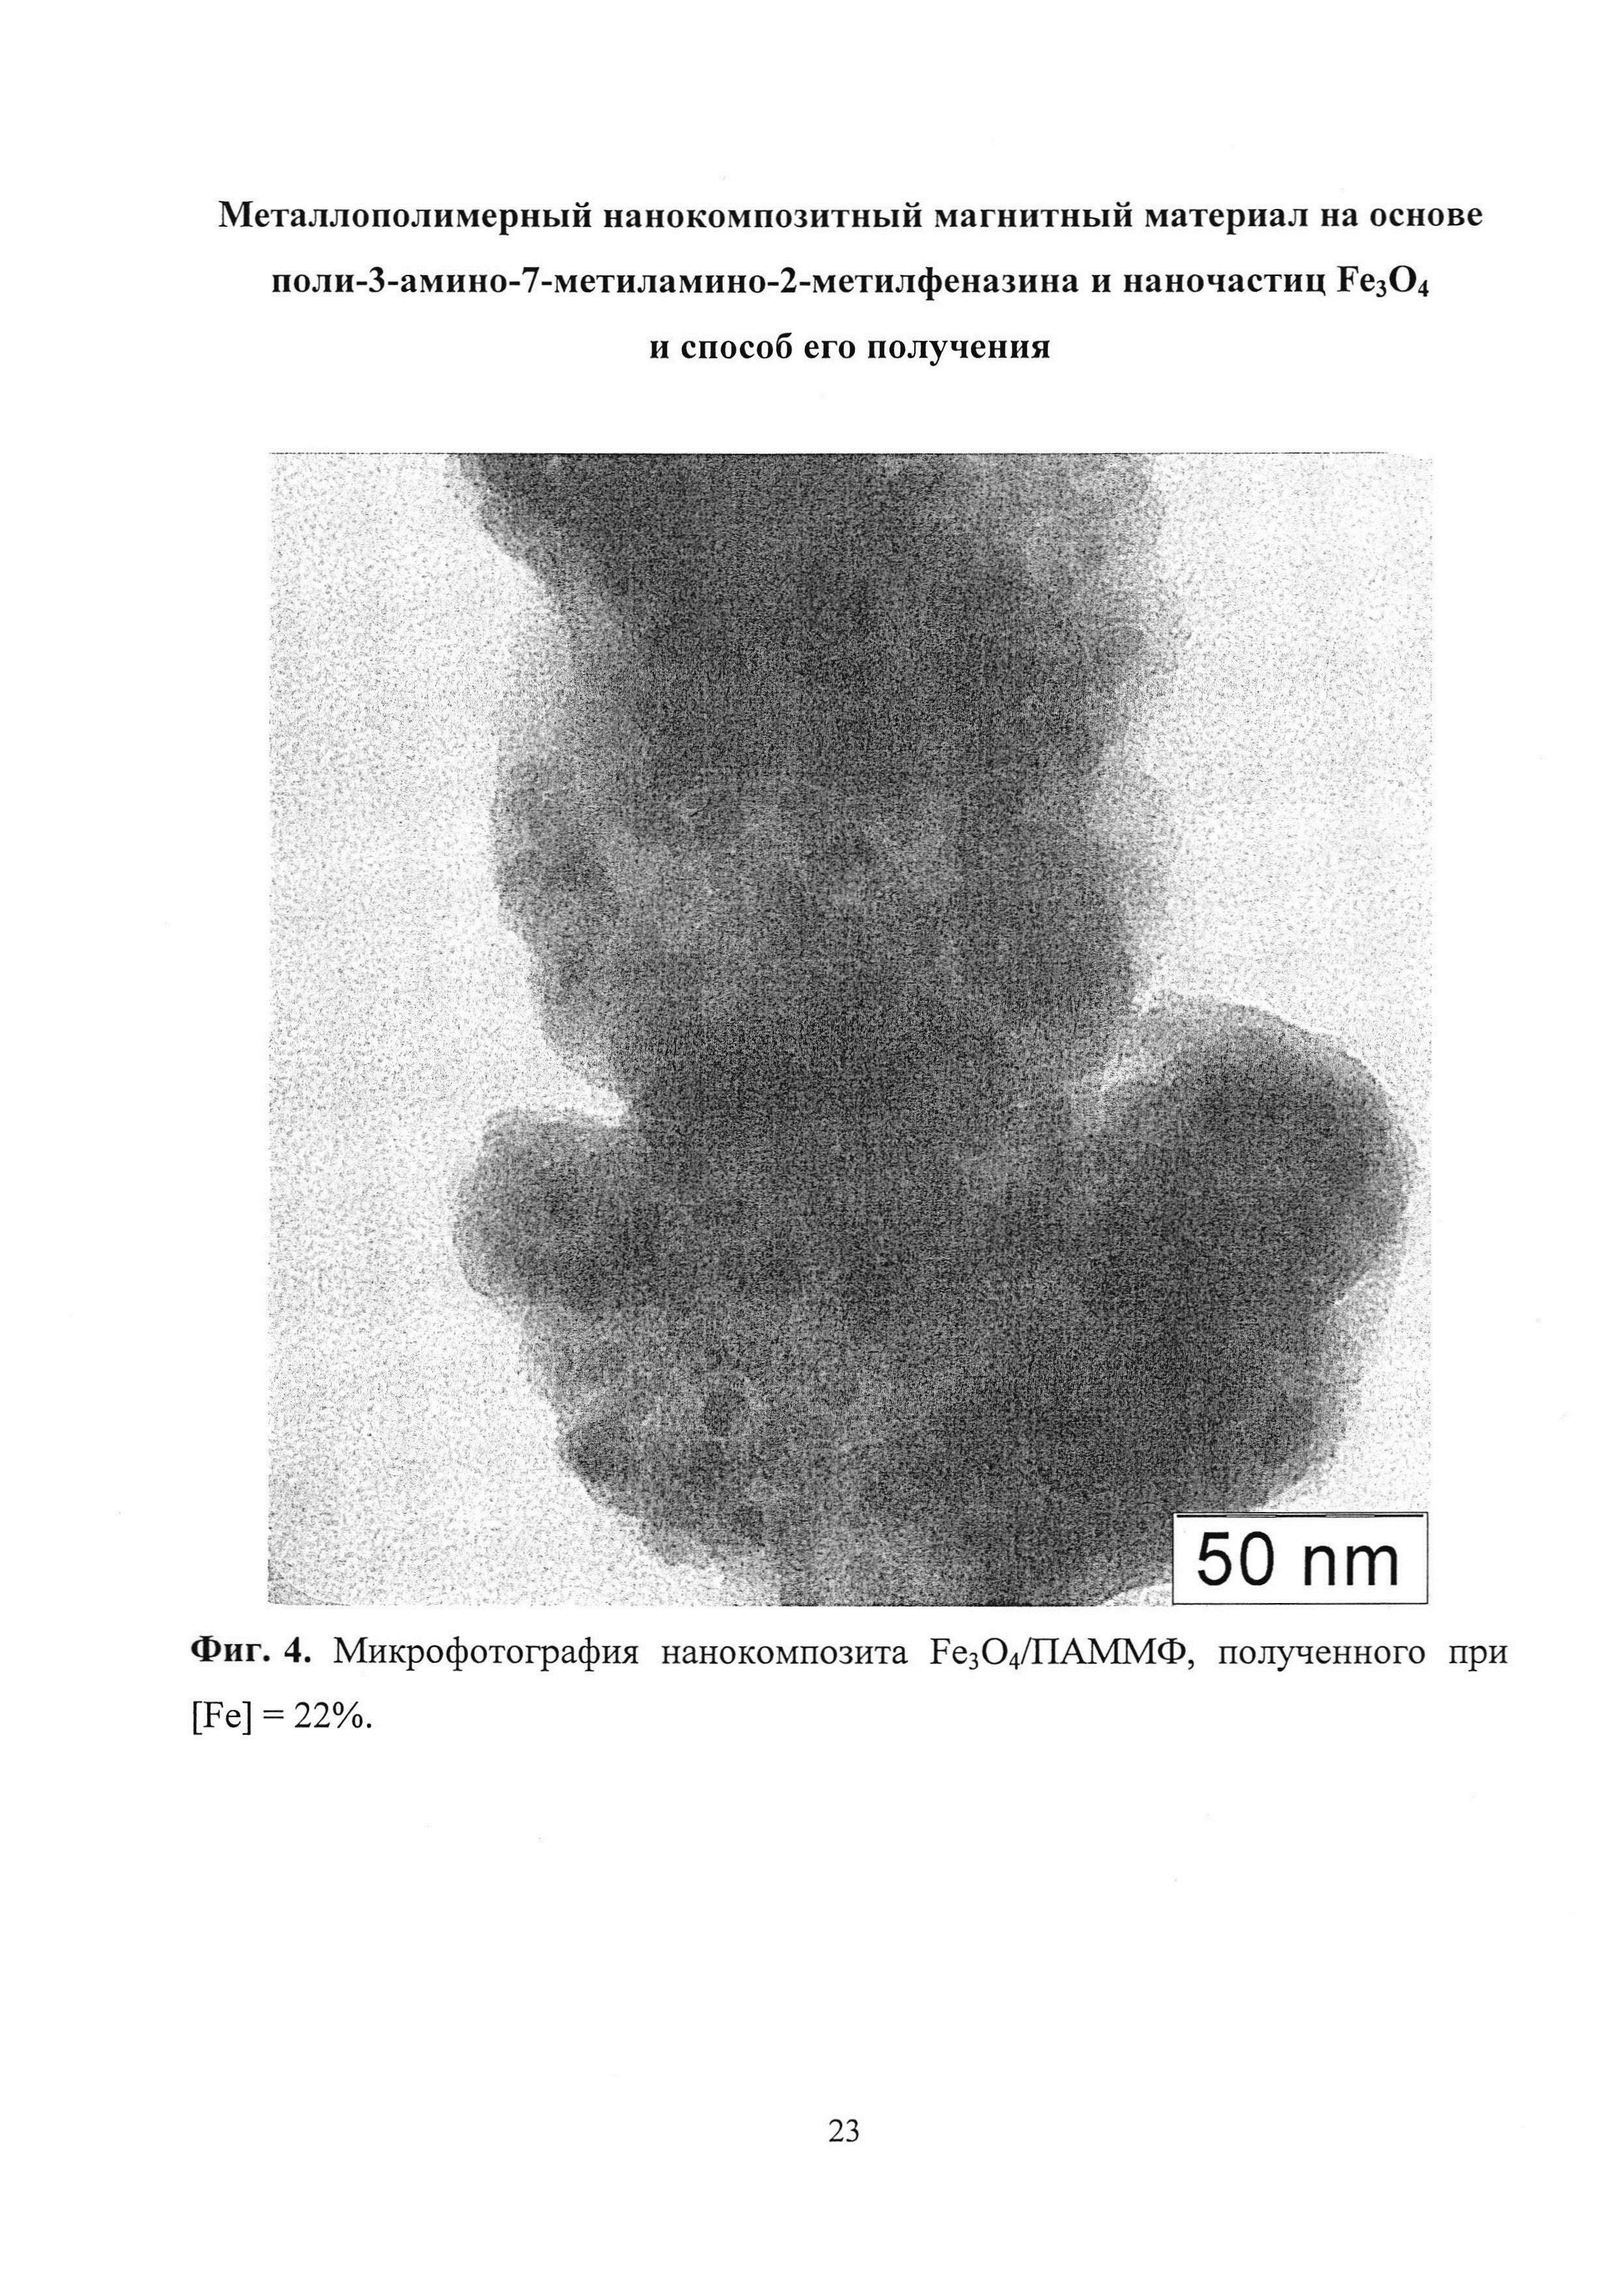 Металлополимерный нанокомпозитный магнитный материал на основе поли-3-амино-7-метиламино-2-метилфеназина и наночастиц FeO и способ его получения